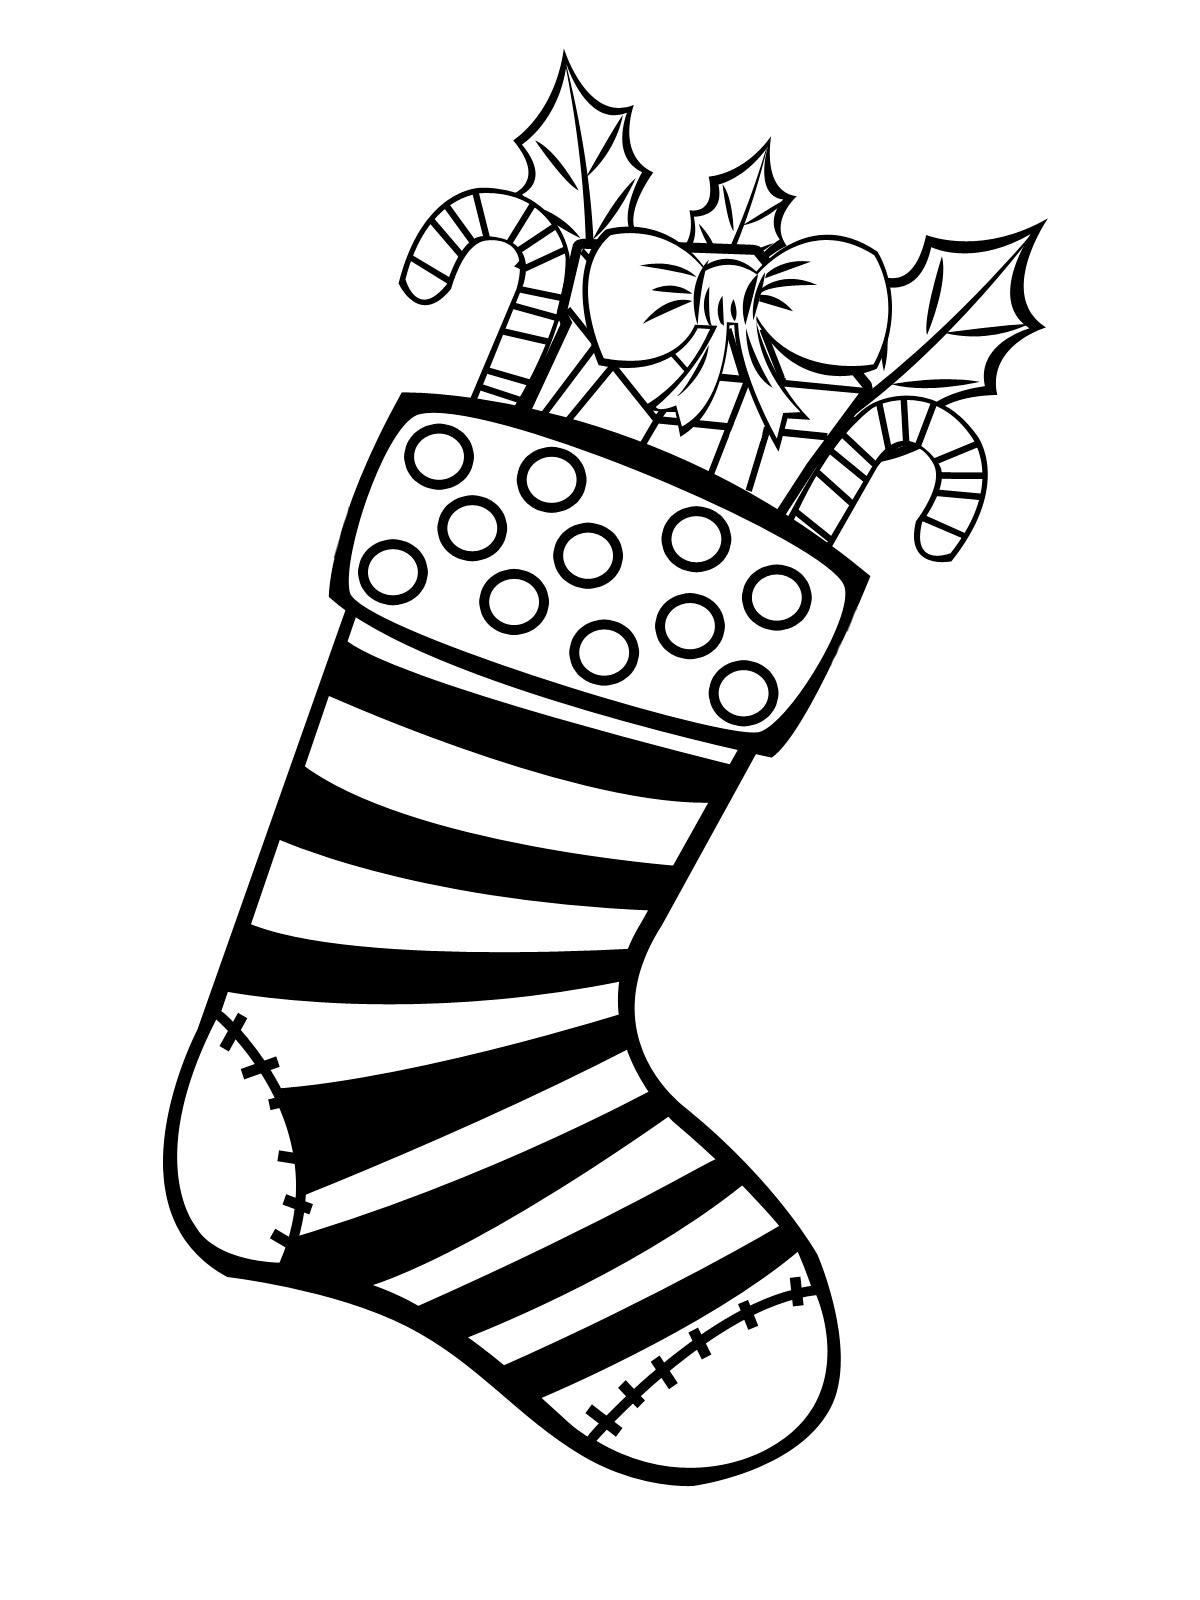 новогодний носок для подарков раскраска